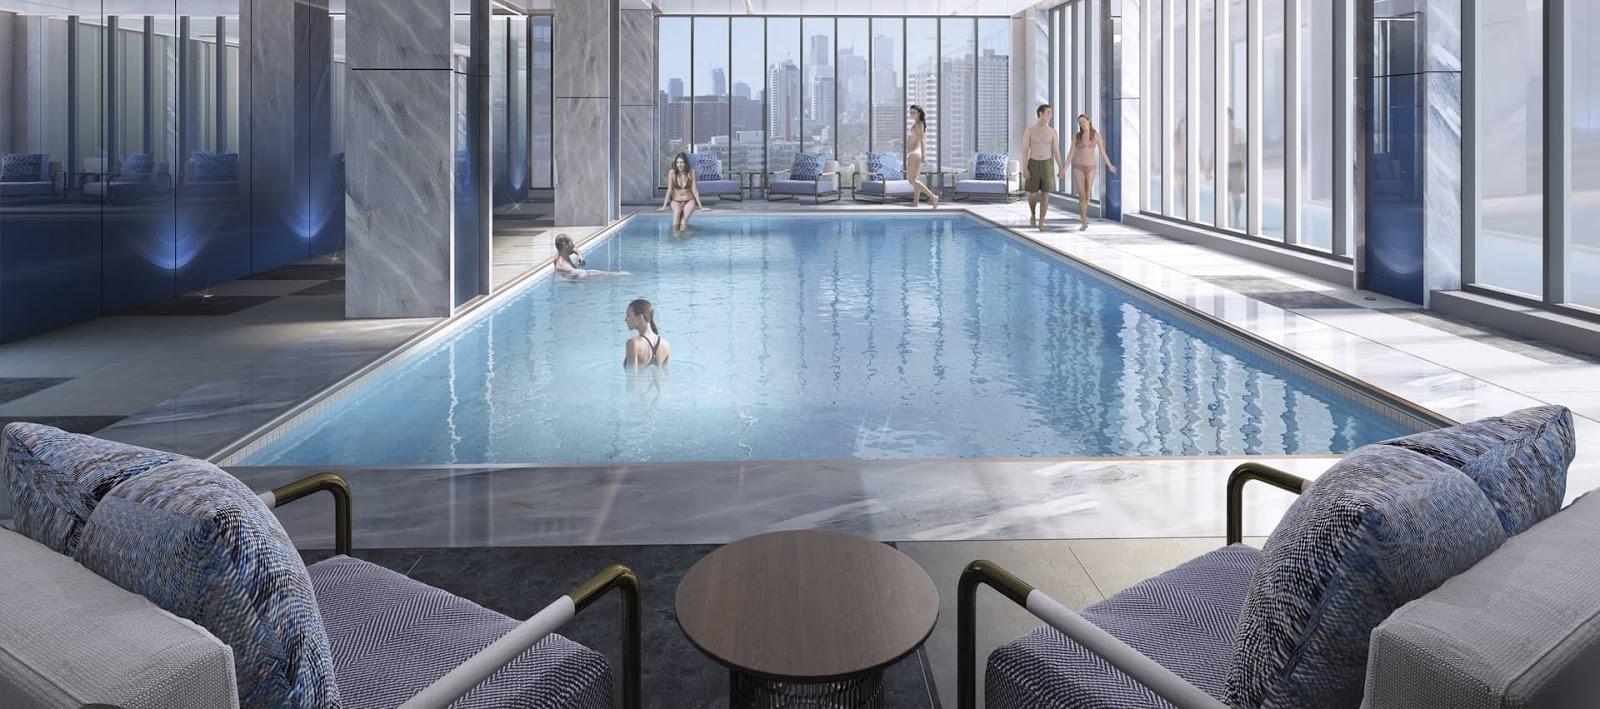 Bể bơi bốn mùa trong nhà dự án Pentstudio Tây Hồ